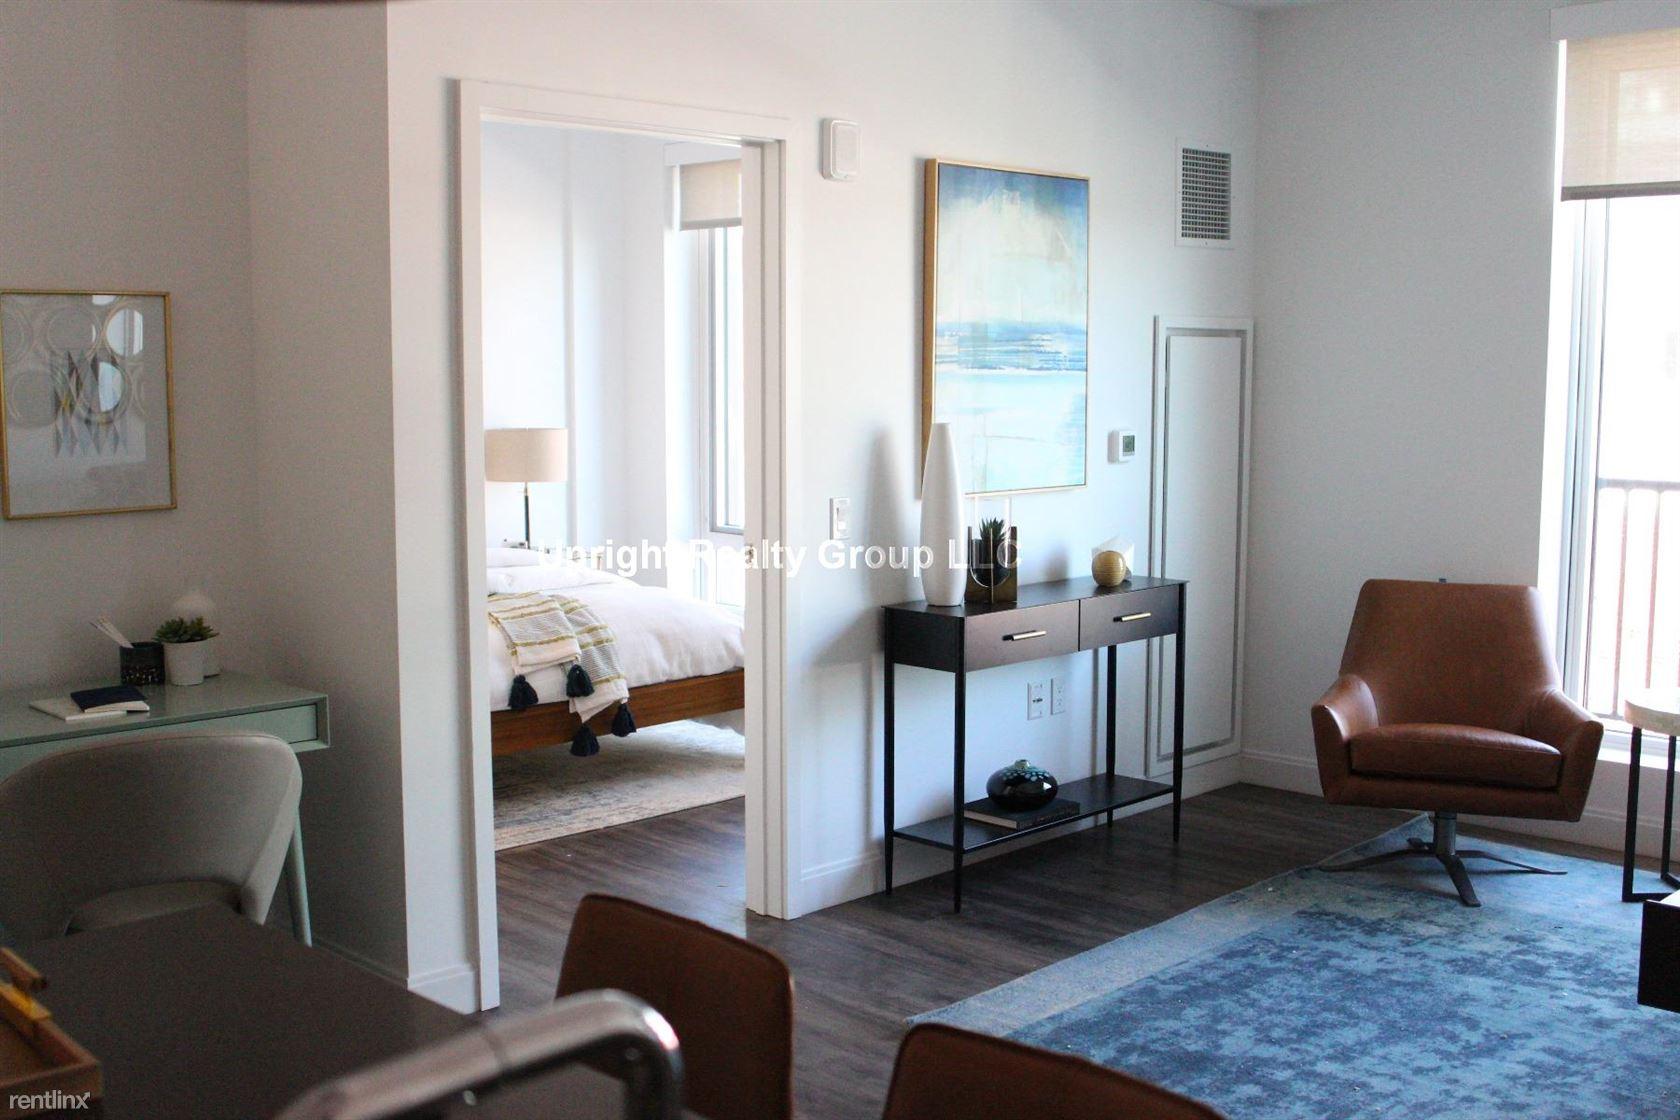 125 Guest St, Brighton, MA - $2,930